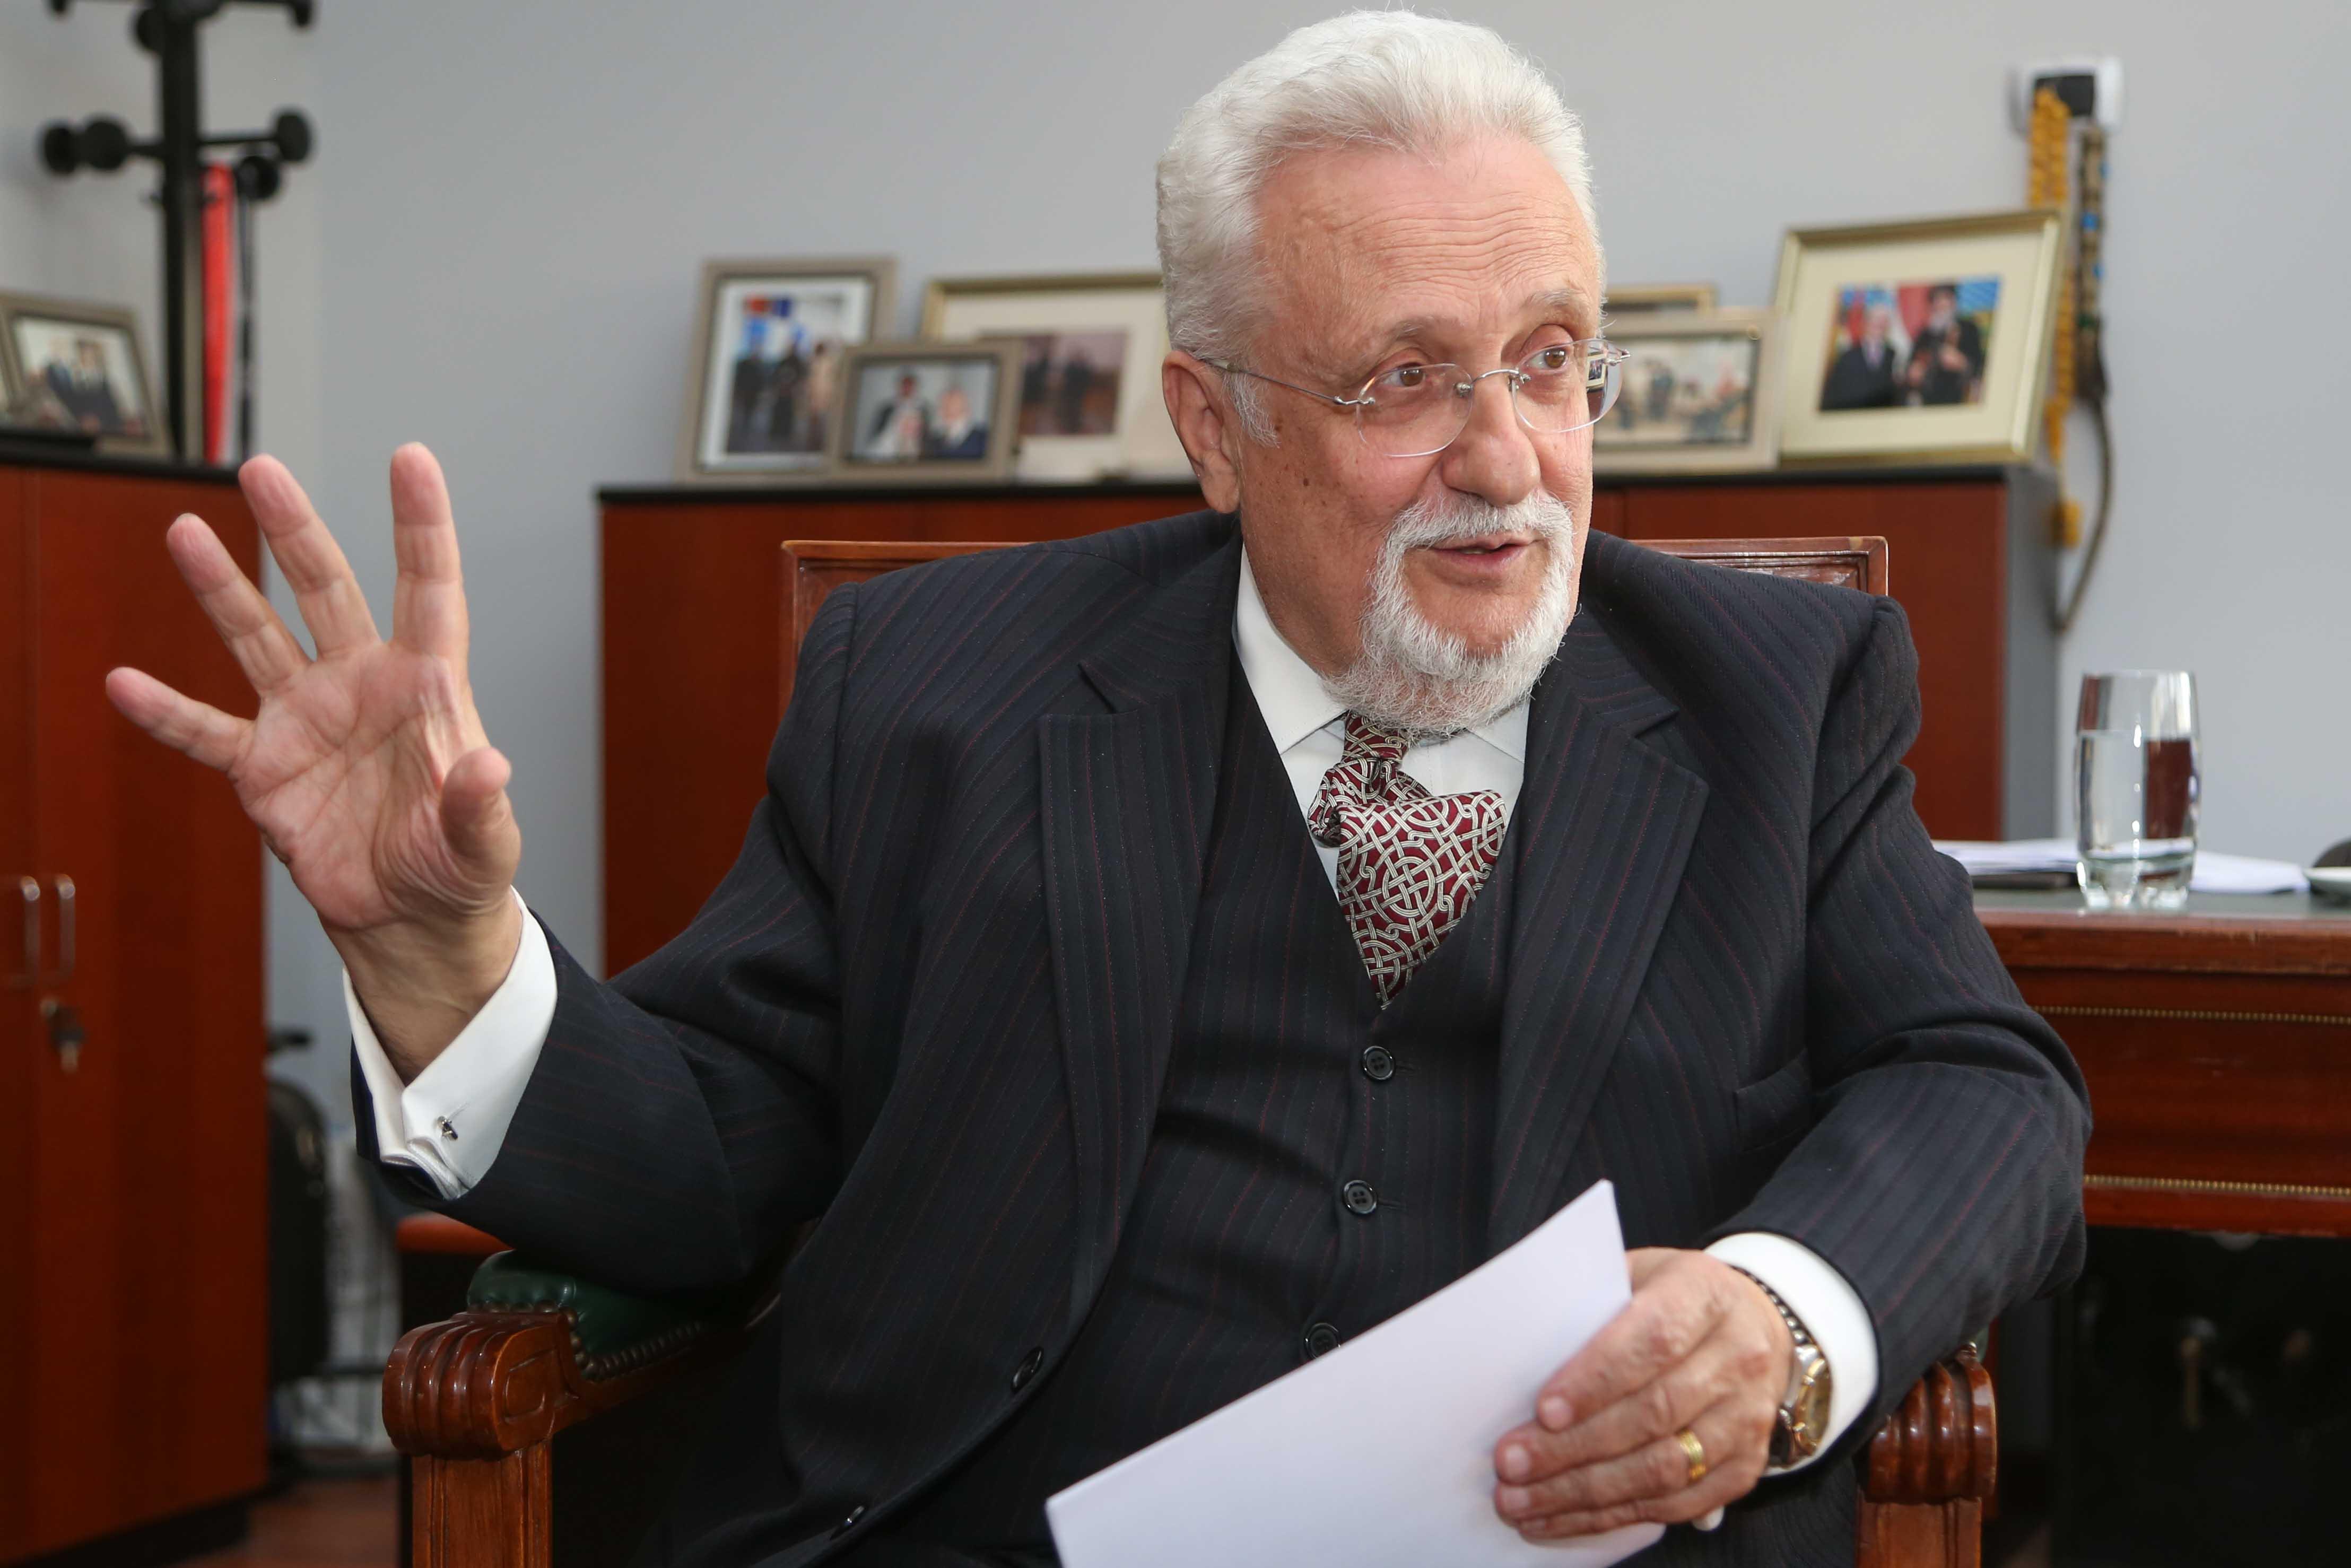 سفير كرواتيا بالقاهرة: حققنا إنجازات خلال رئاسة الاتحاد الأوروبى رغم تحدى كورونا